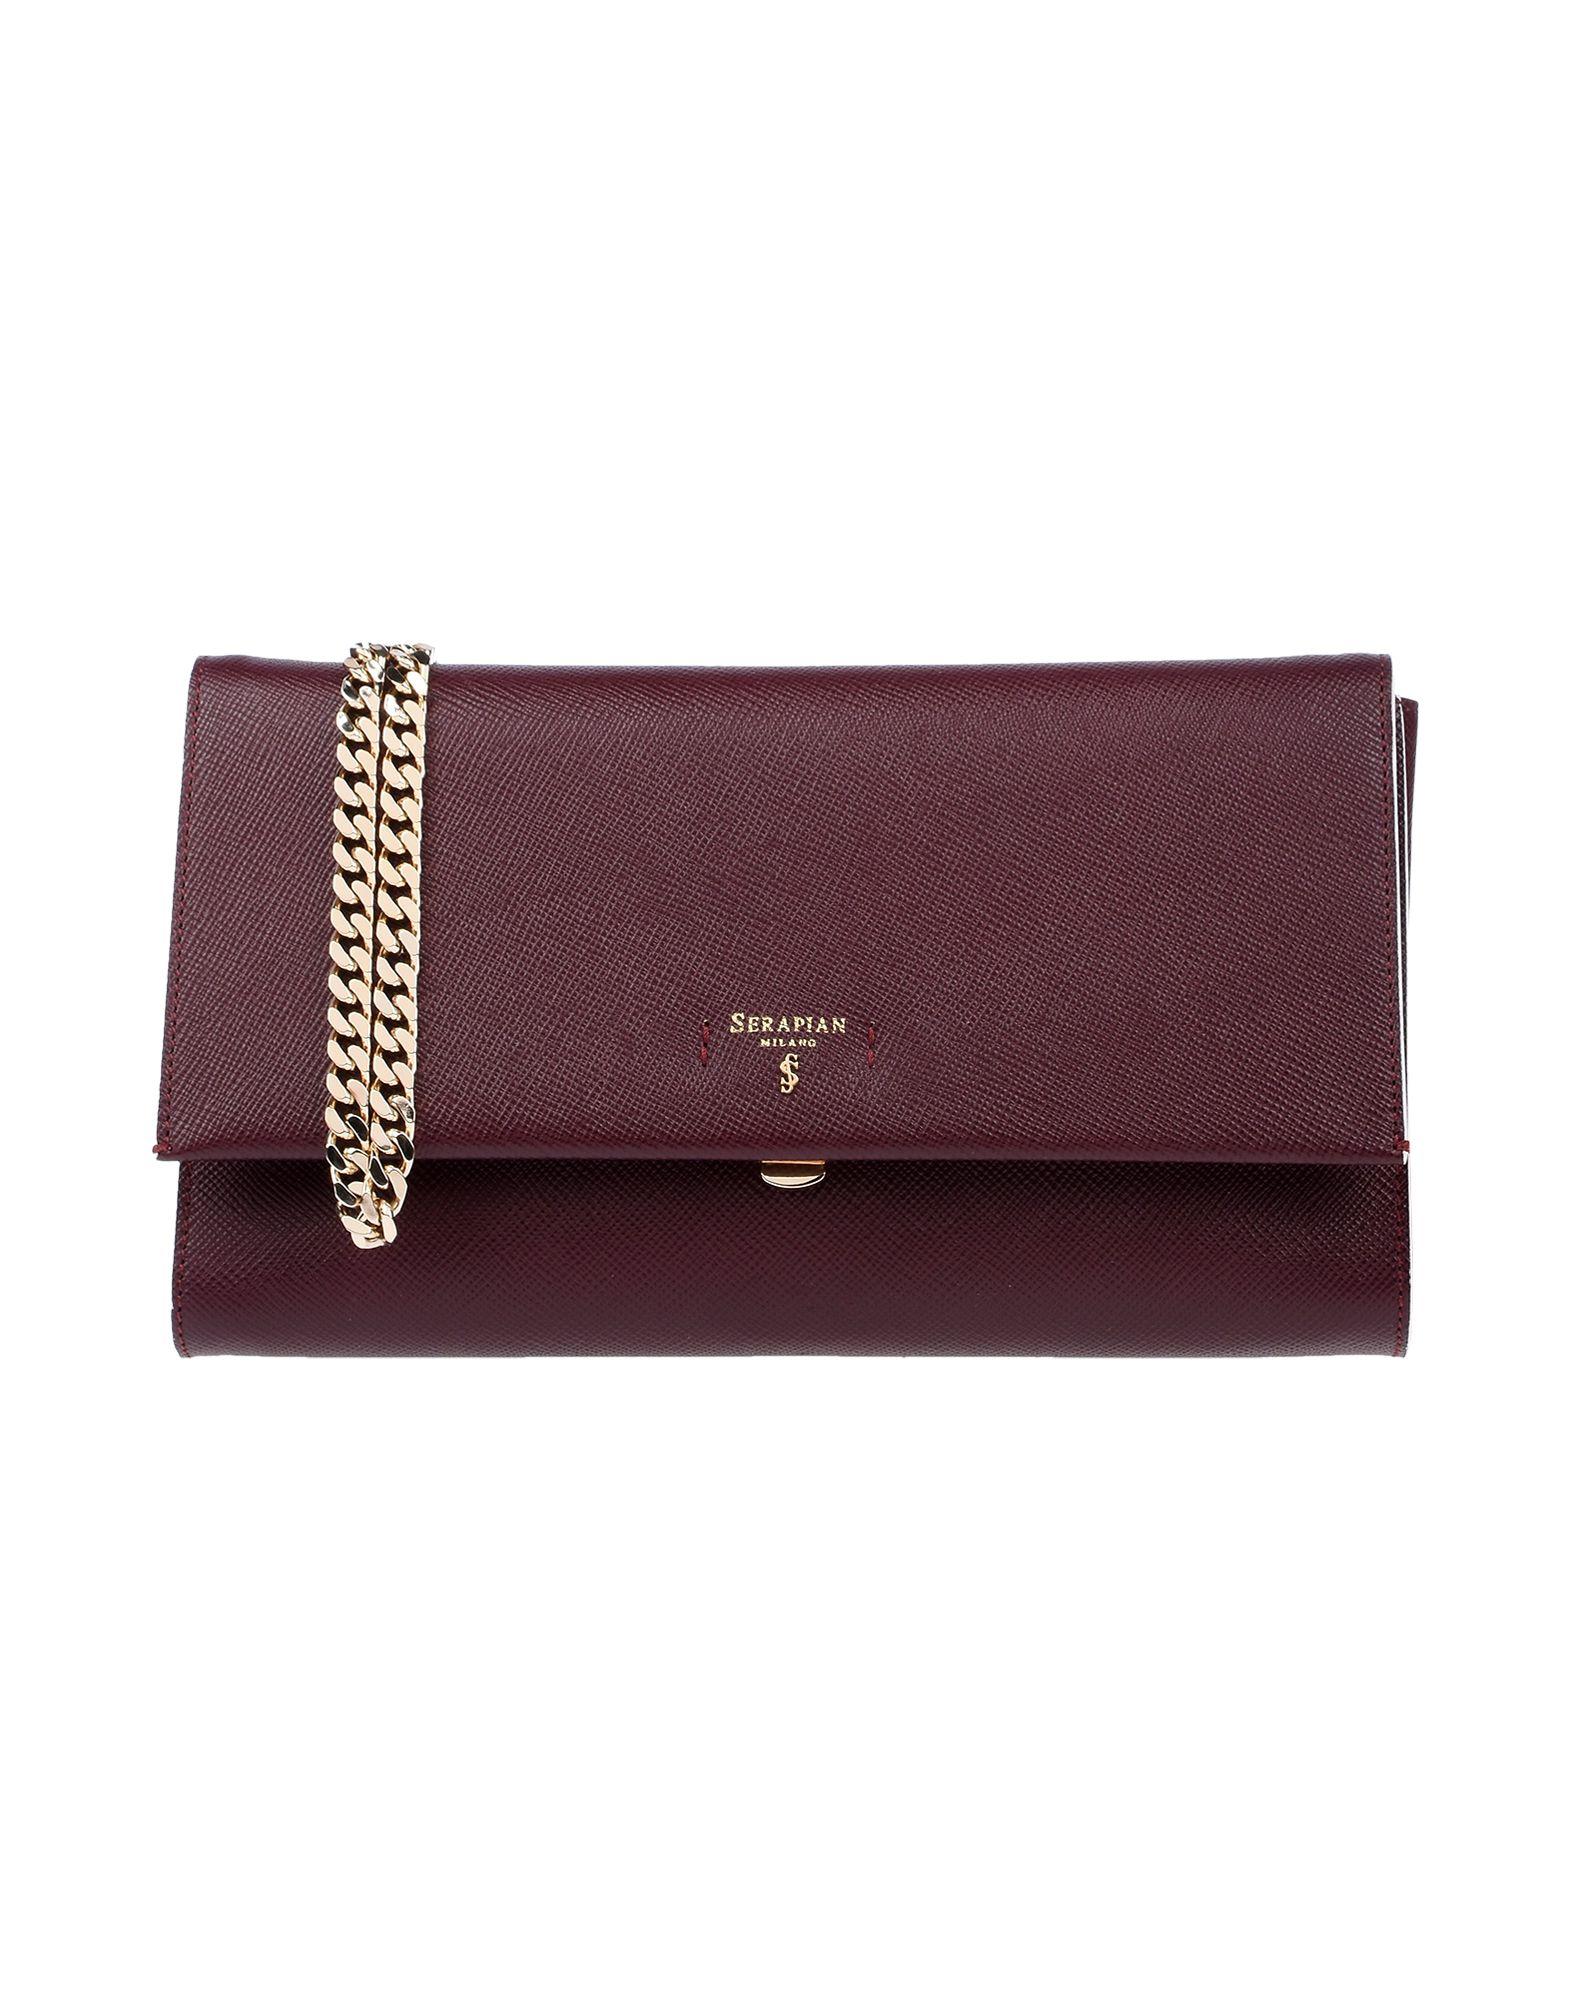 SERAPIAN | SERAPIAN Handbags 45441826 | Goxip